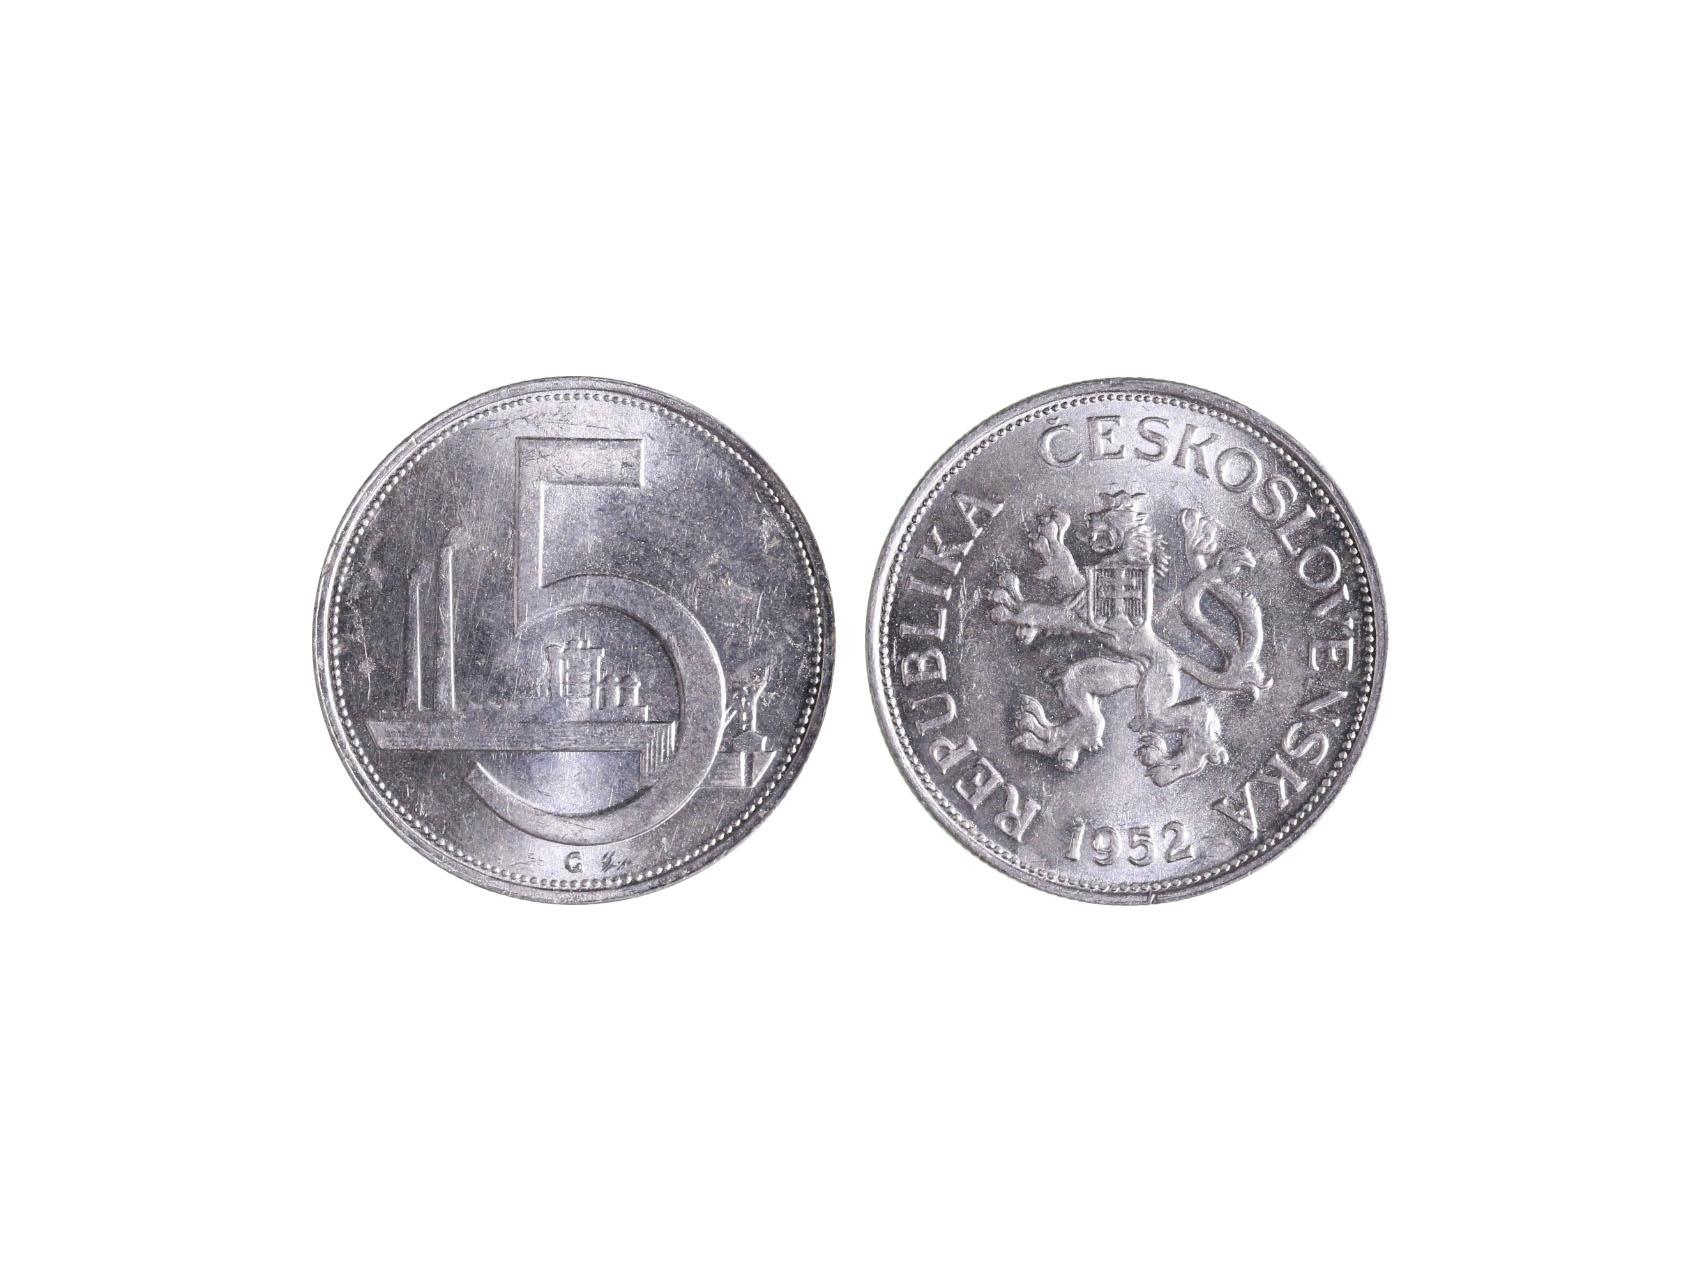 ČSSR 1945-1953 - 5 Kčs 1952 originál, Al, bezvadný stav, N42a